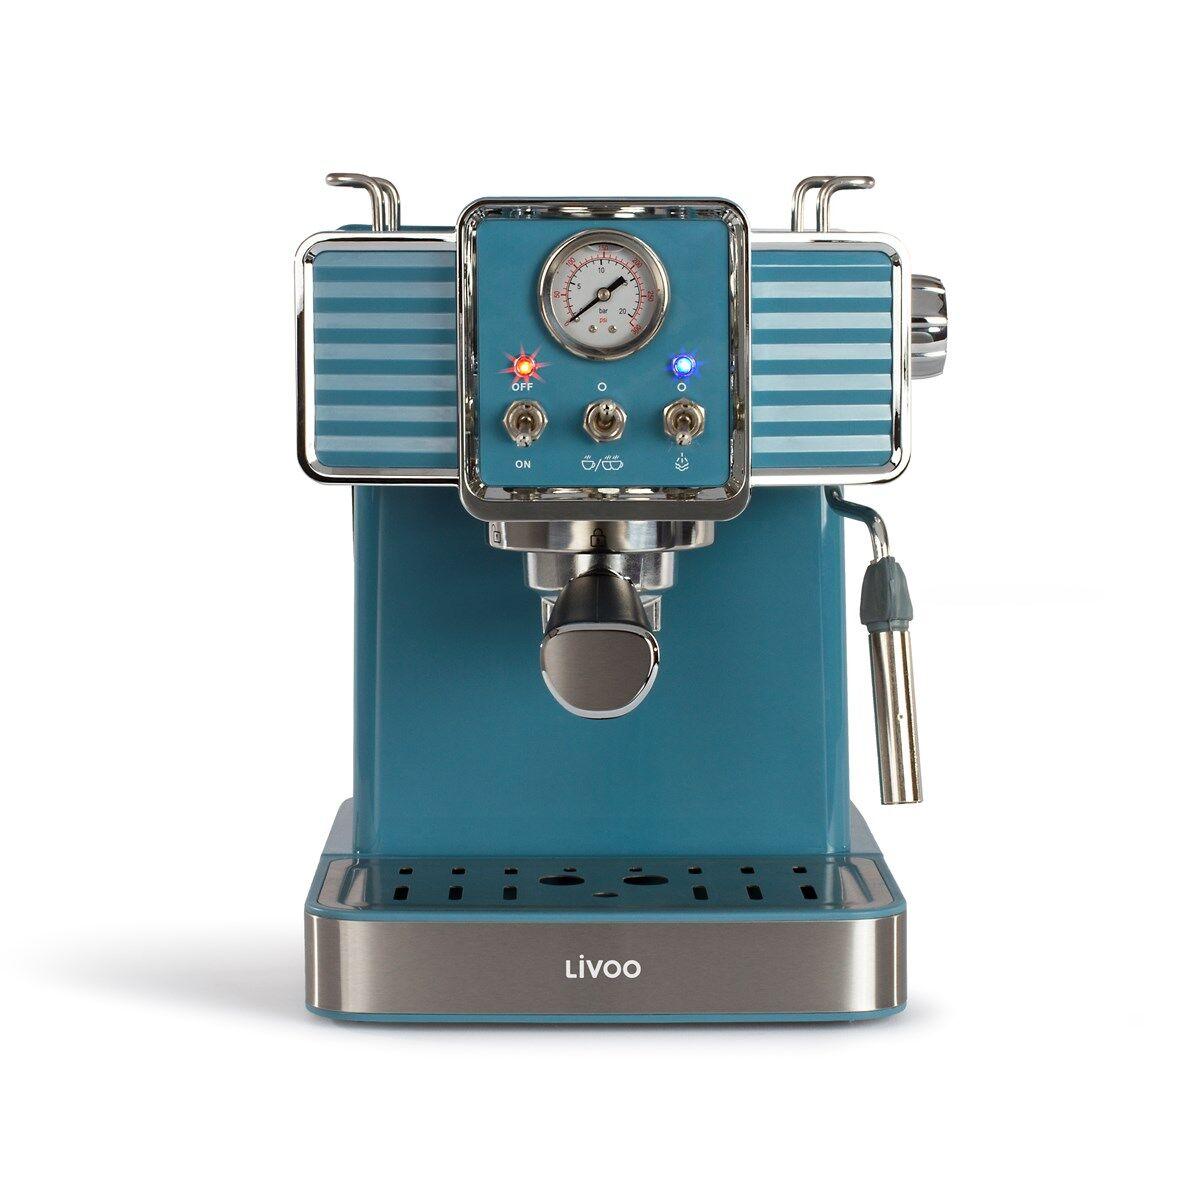 Livoo Machine à café expresso en acier inoxydable bleu